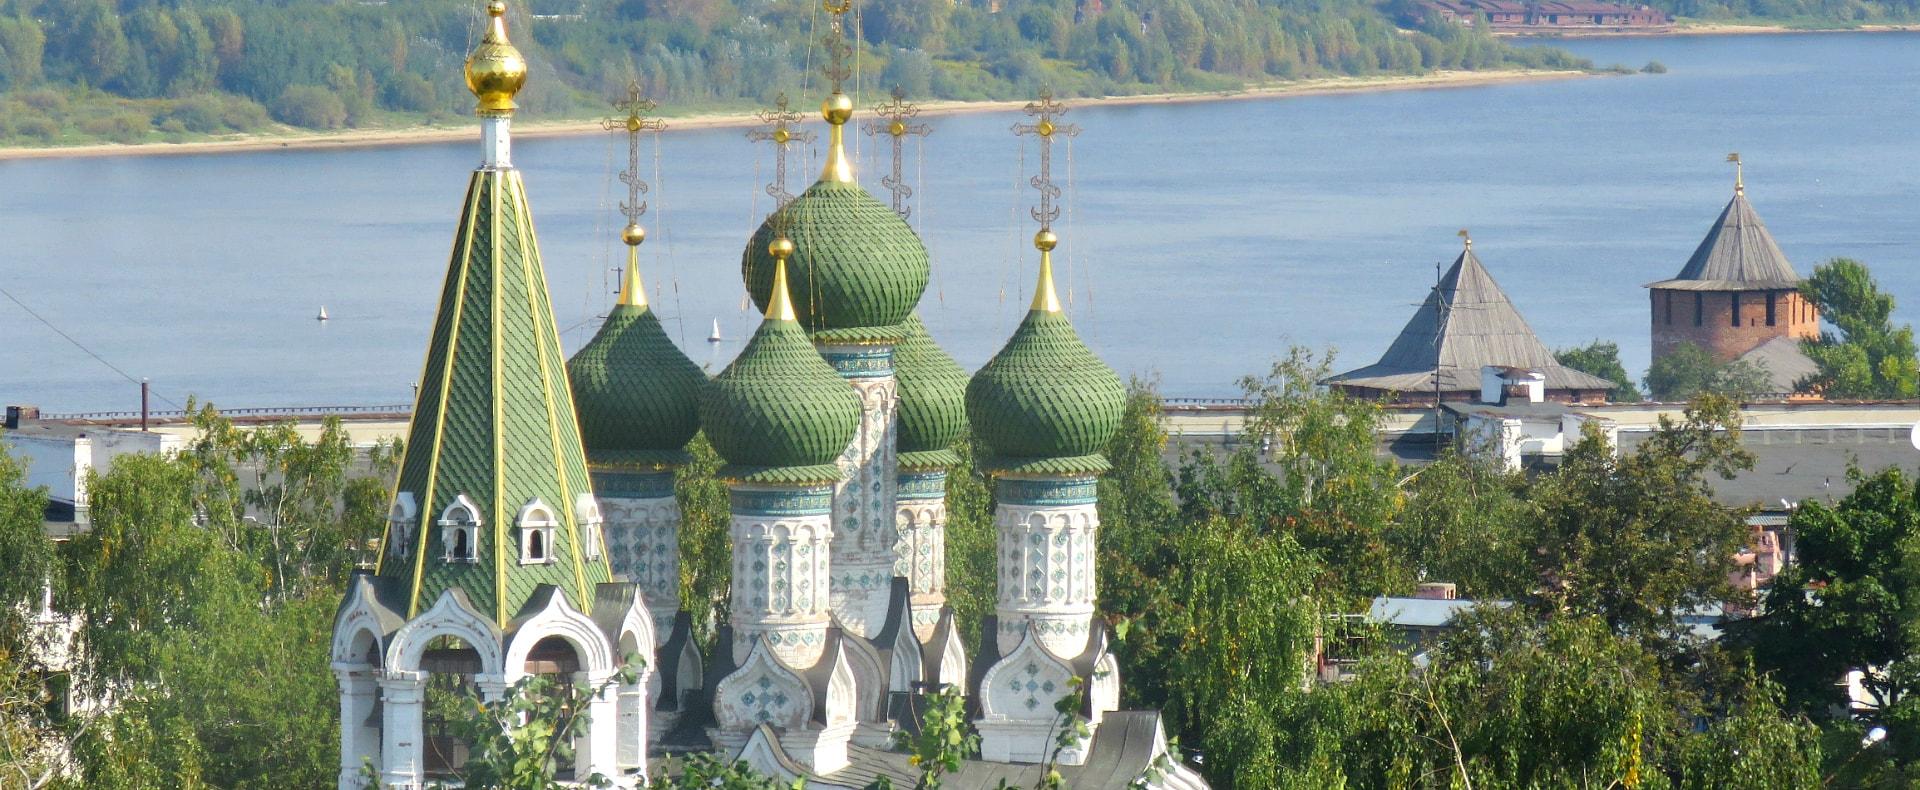 Nizhny Novgorod City Gallery